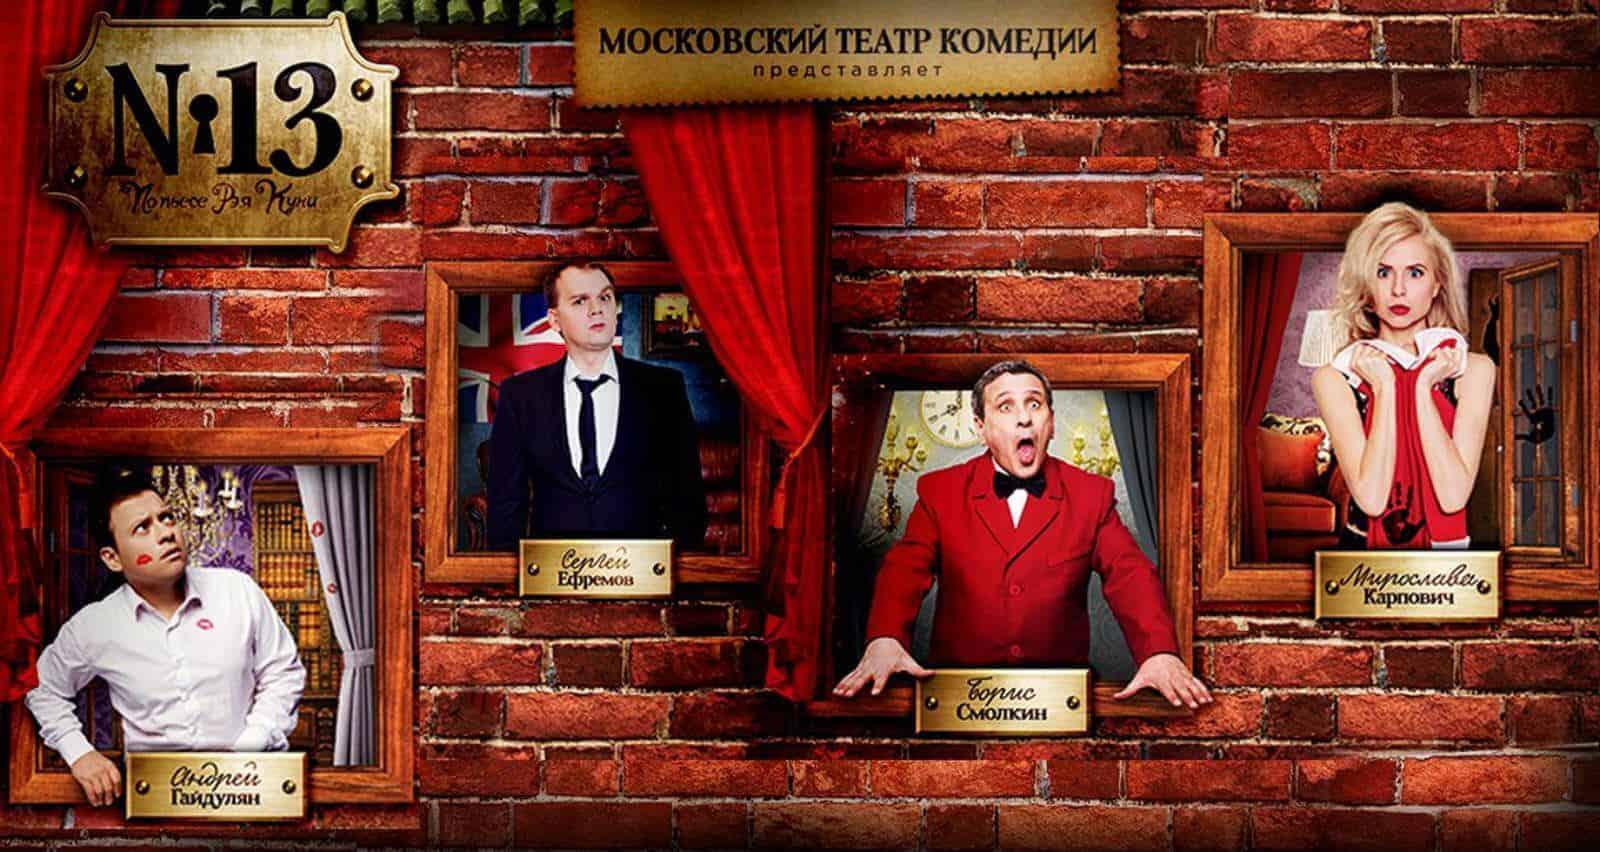 Спектакль «Номер 13» С. Ефремова в Москве